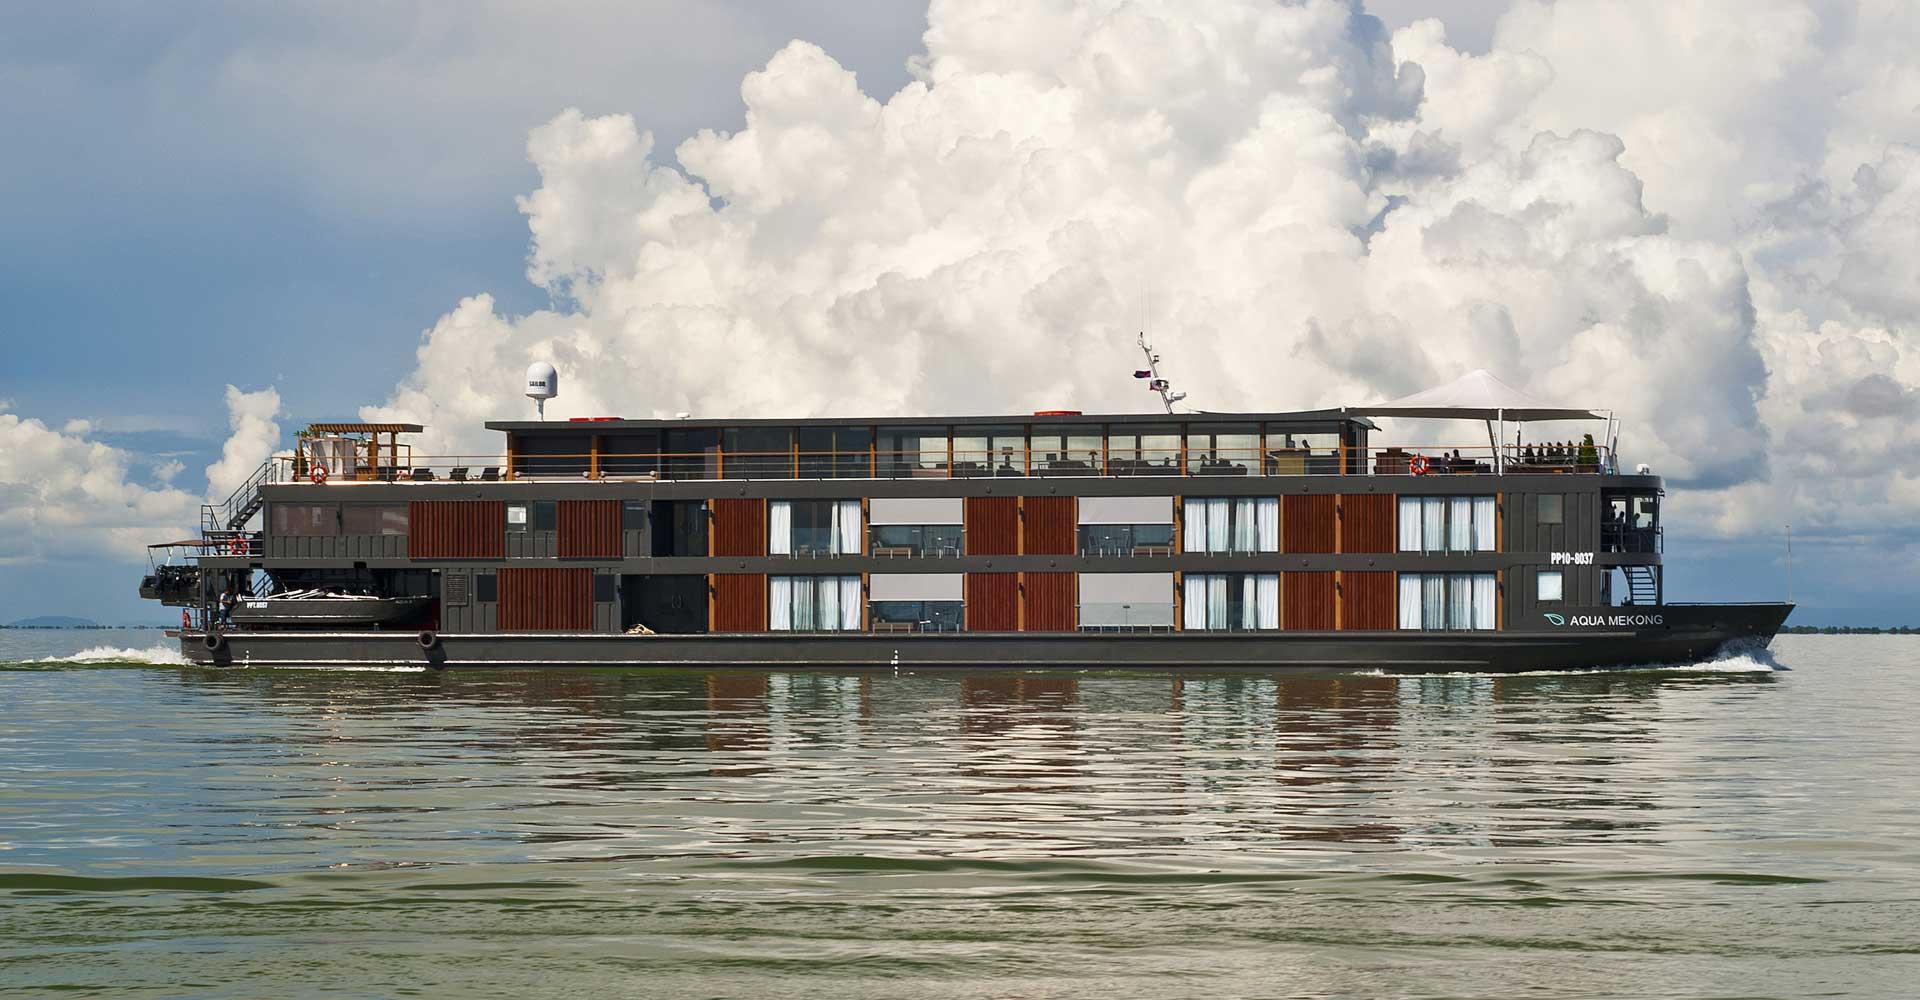 Reserveer een zeer luxueuze Mekong Cruise met de Qgua Mekong bij Renaissance Reizen.